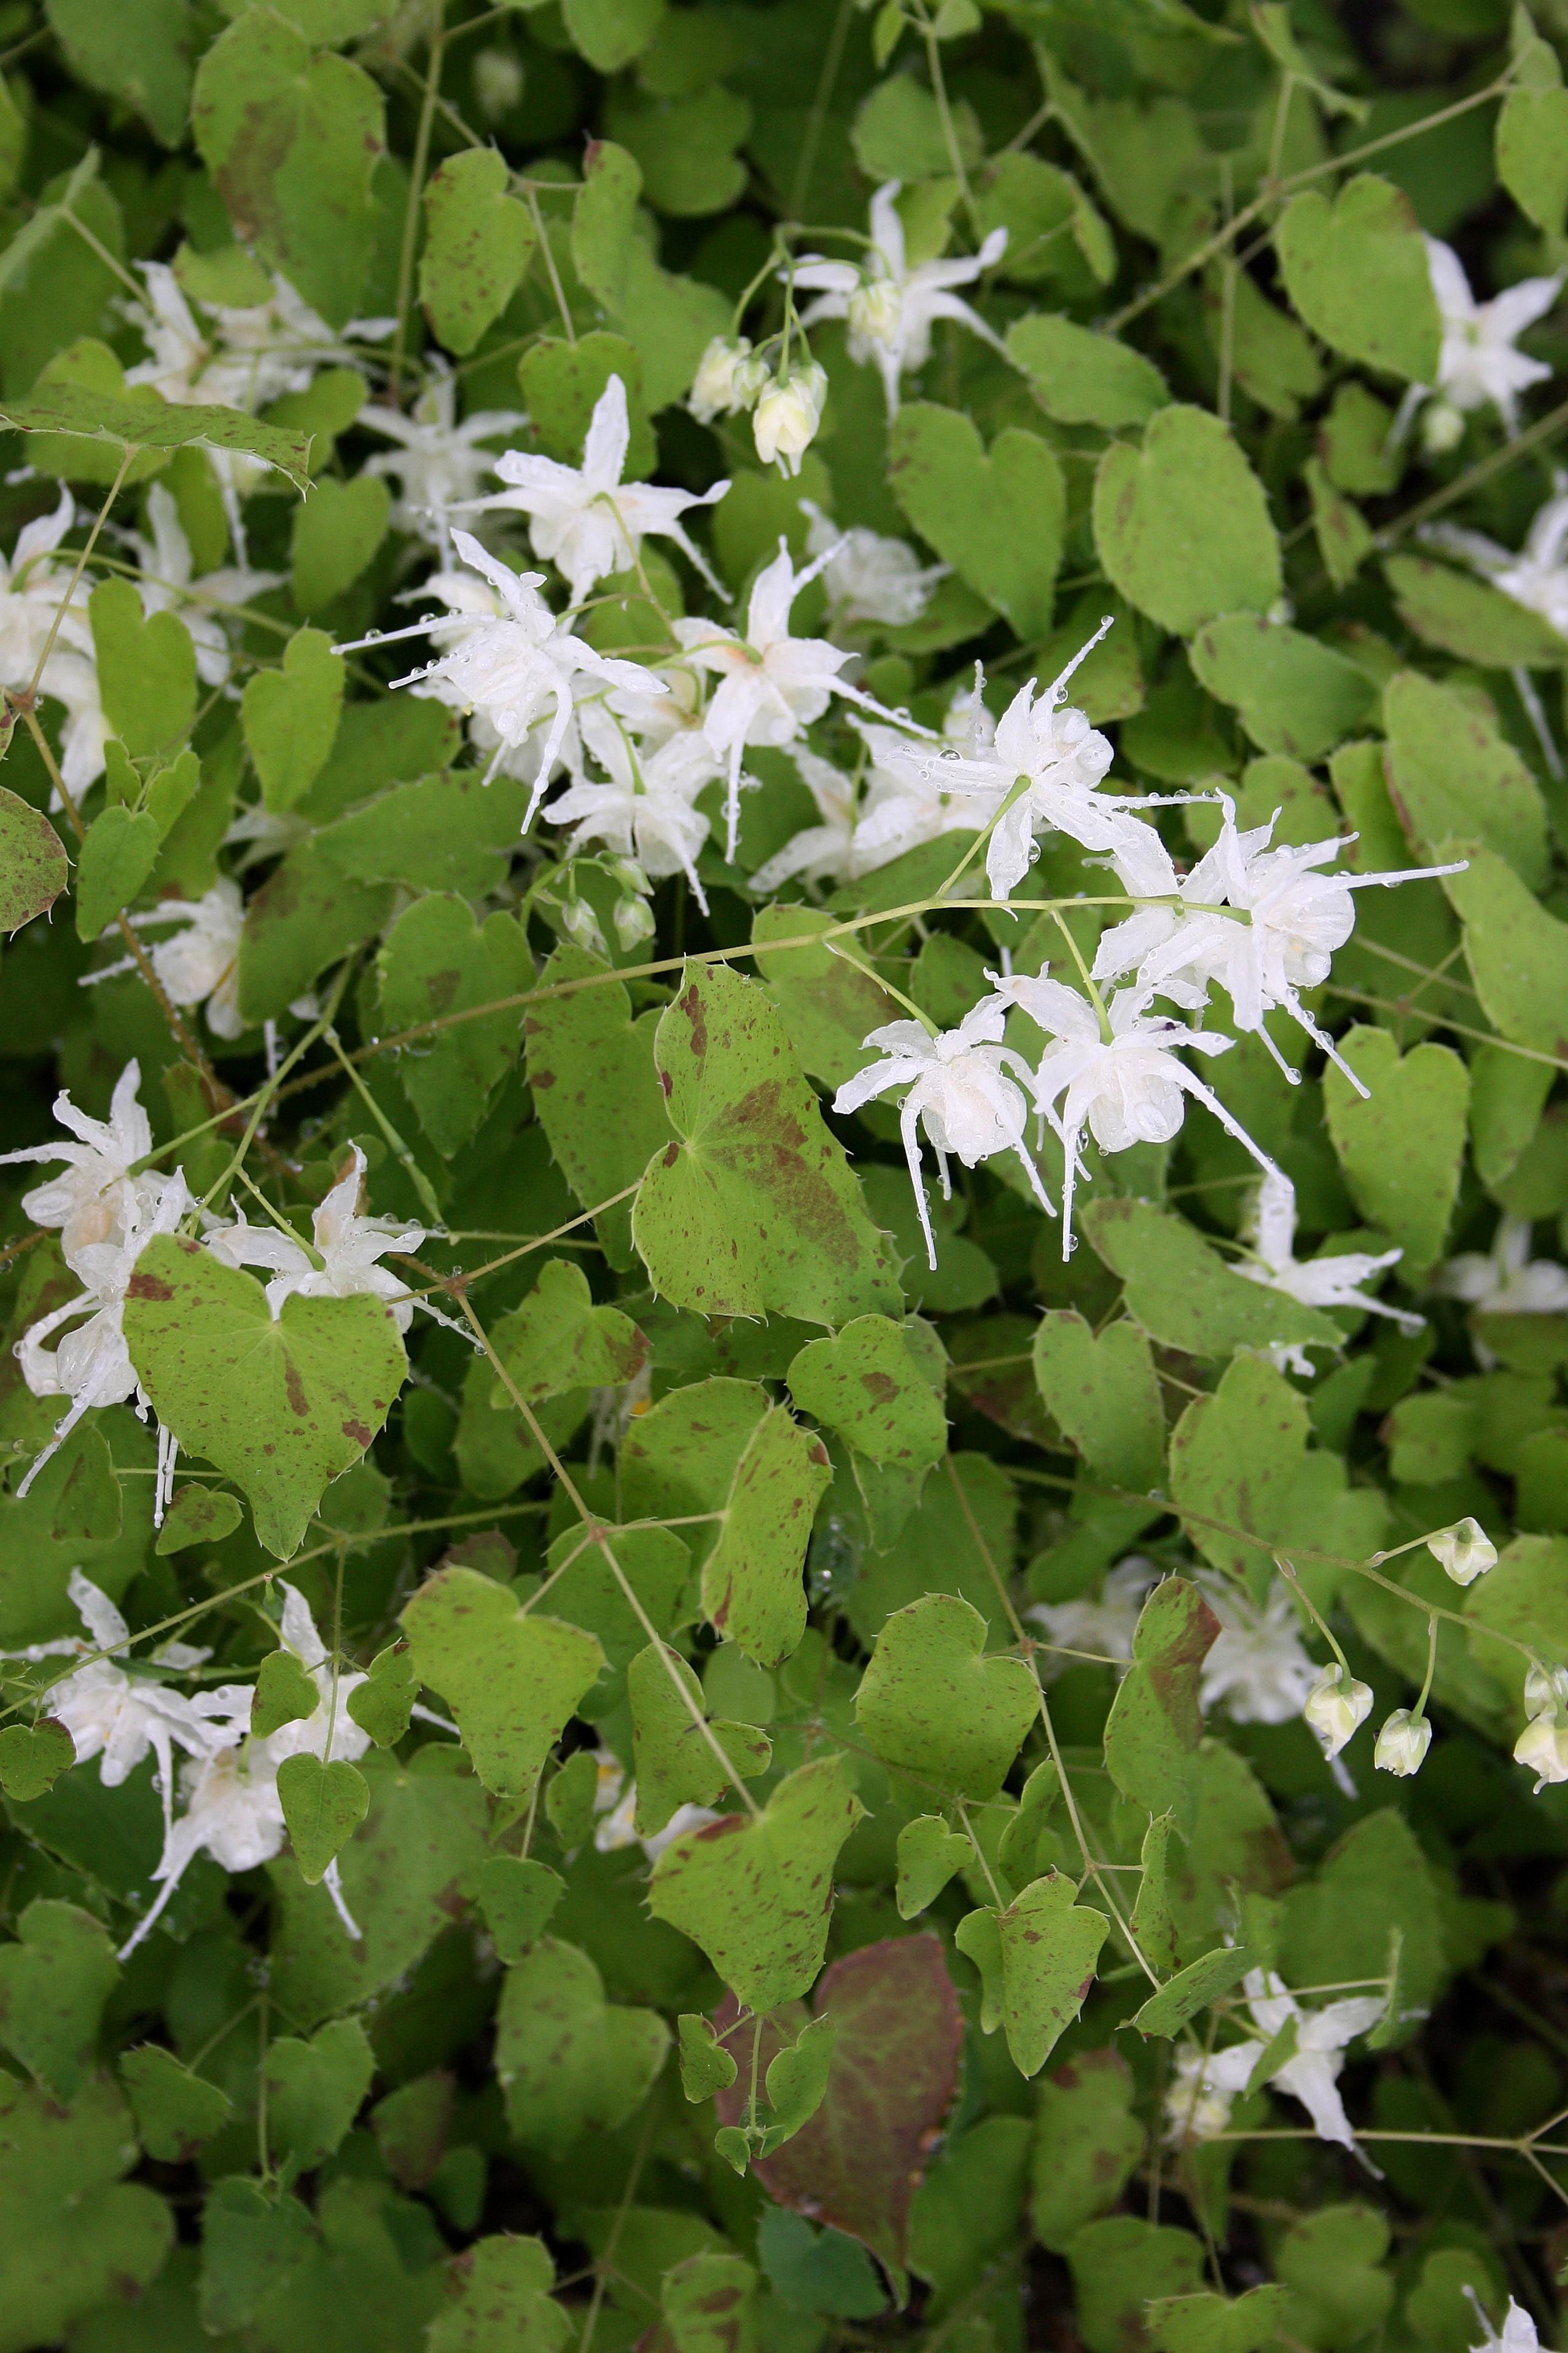 Epimedium grandiflorum var. higoense 'Confetti' @ JLBG; a 2007 Cobblewood introduction; deciduous